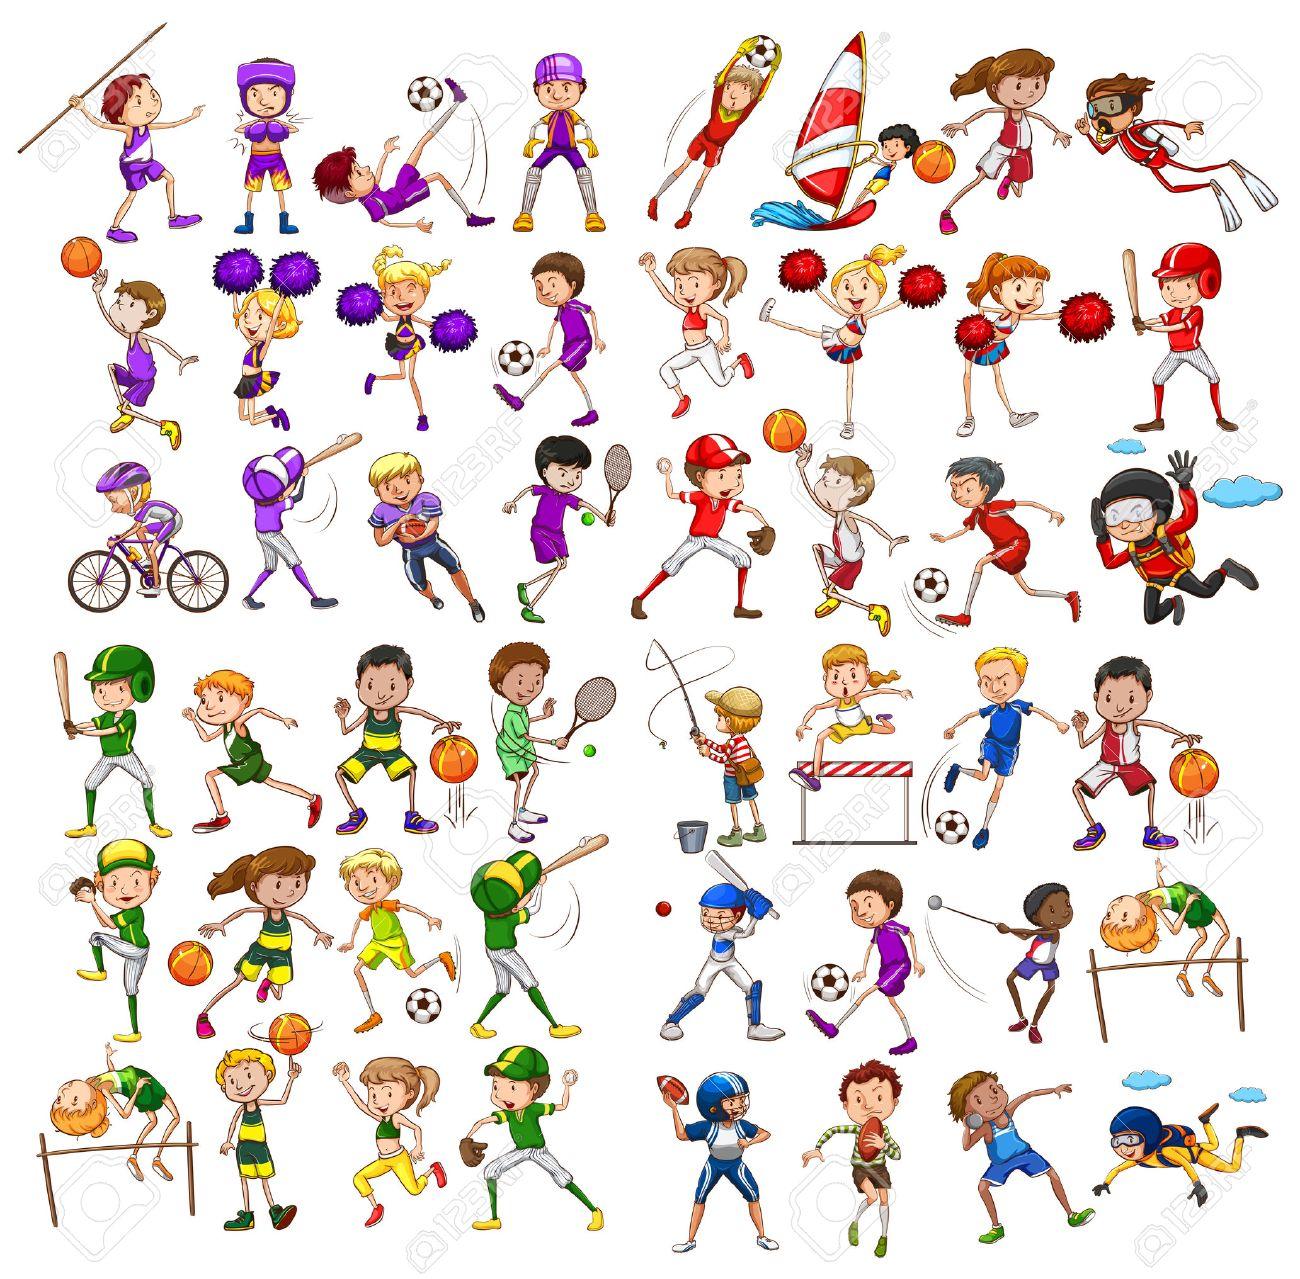 様々 な子供スポーツのイラスト ロイヤリティフリークリップアート